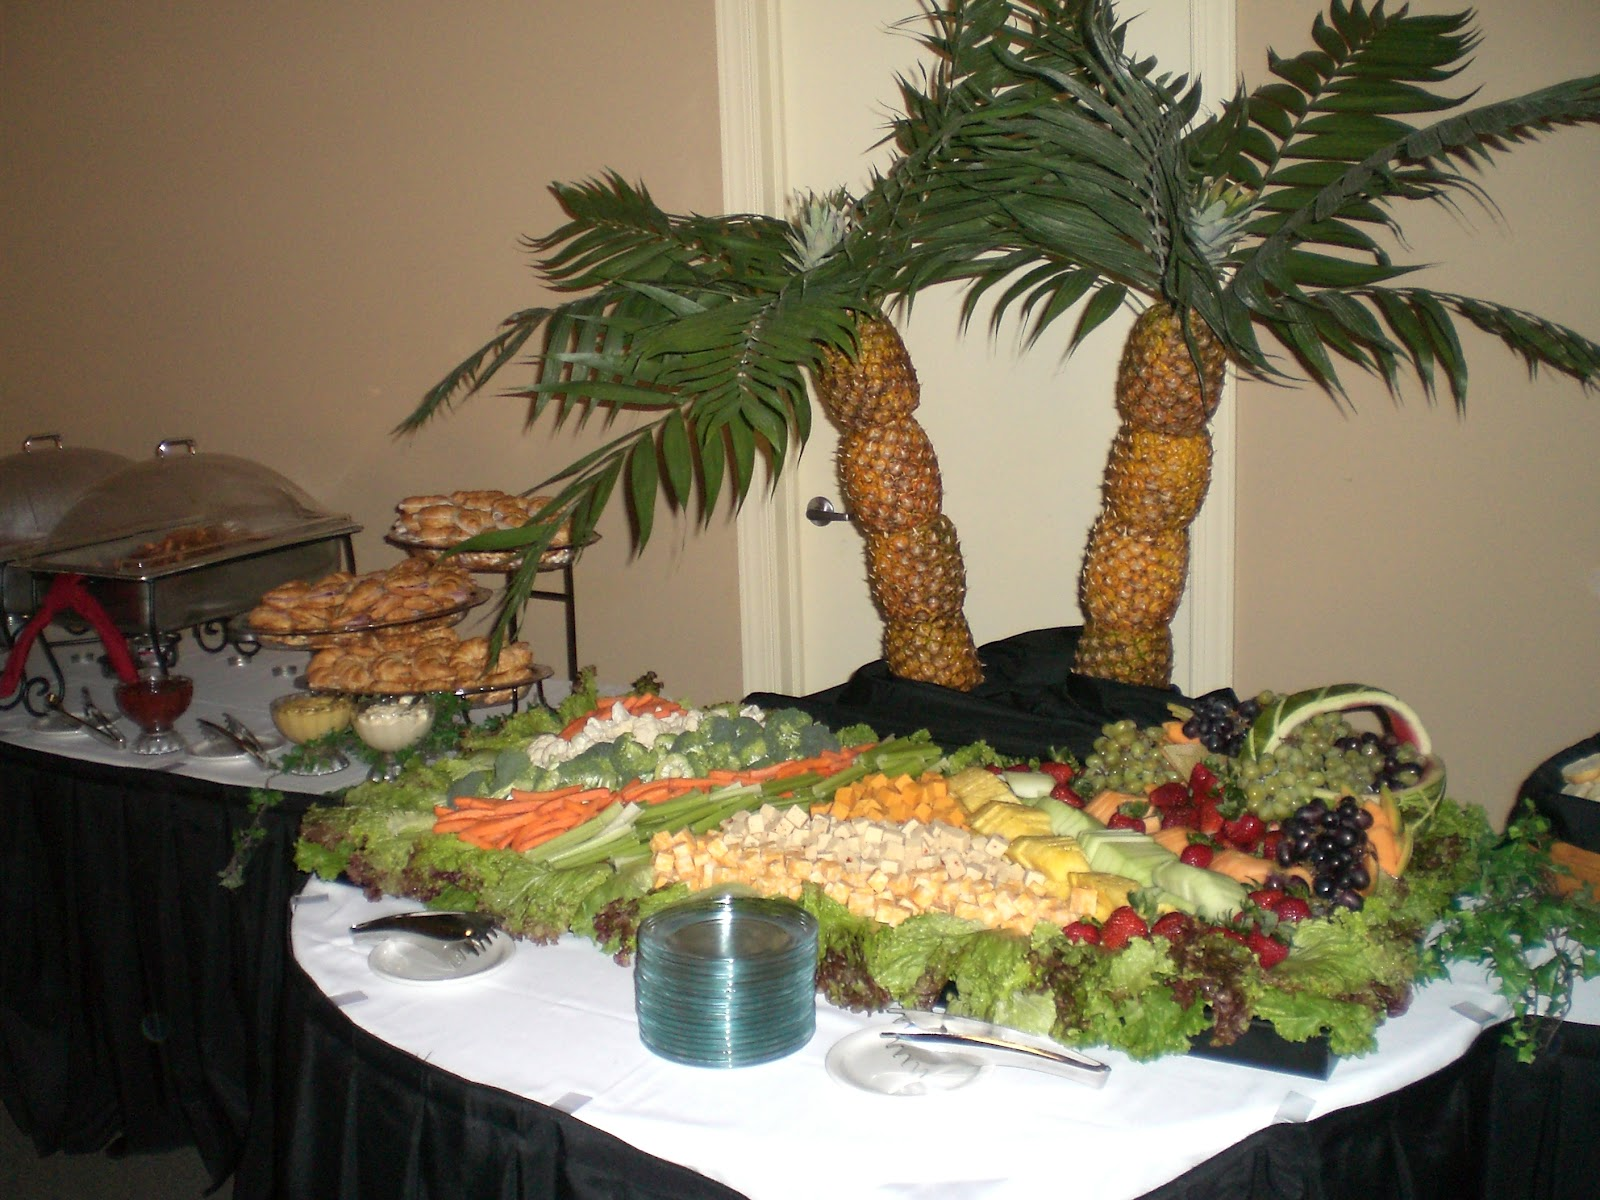 Fiestas con encanto centros realizados con verduras - Decoracion buffet ...